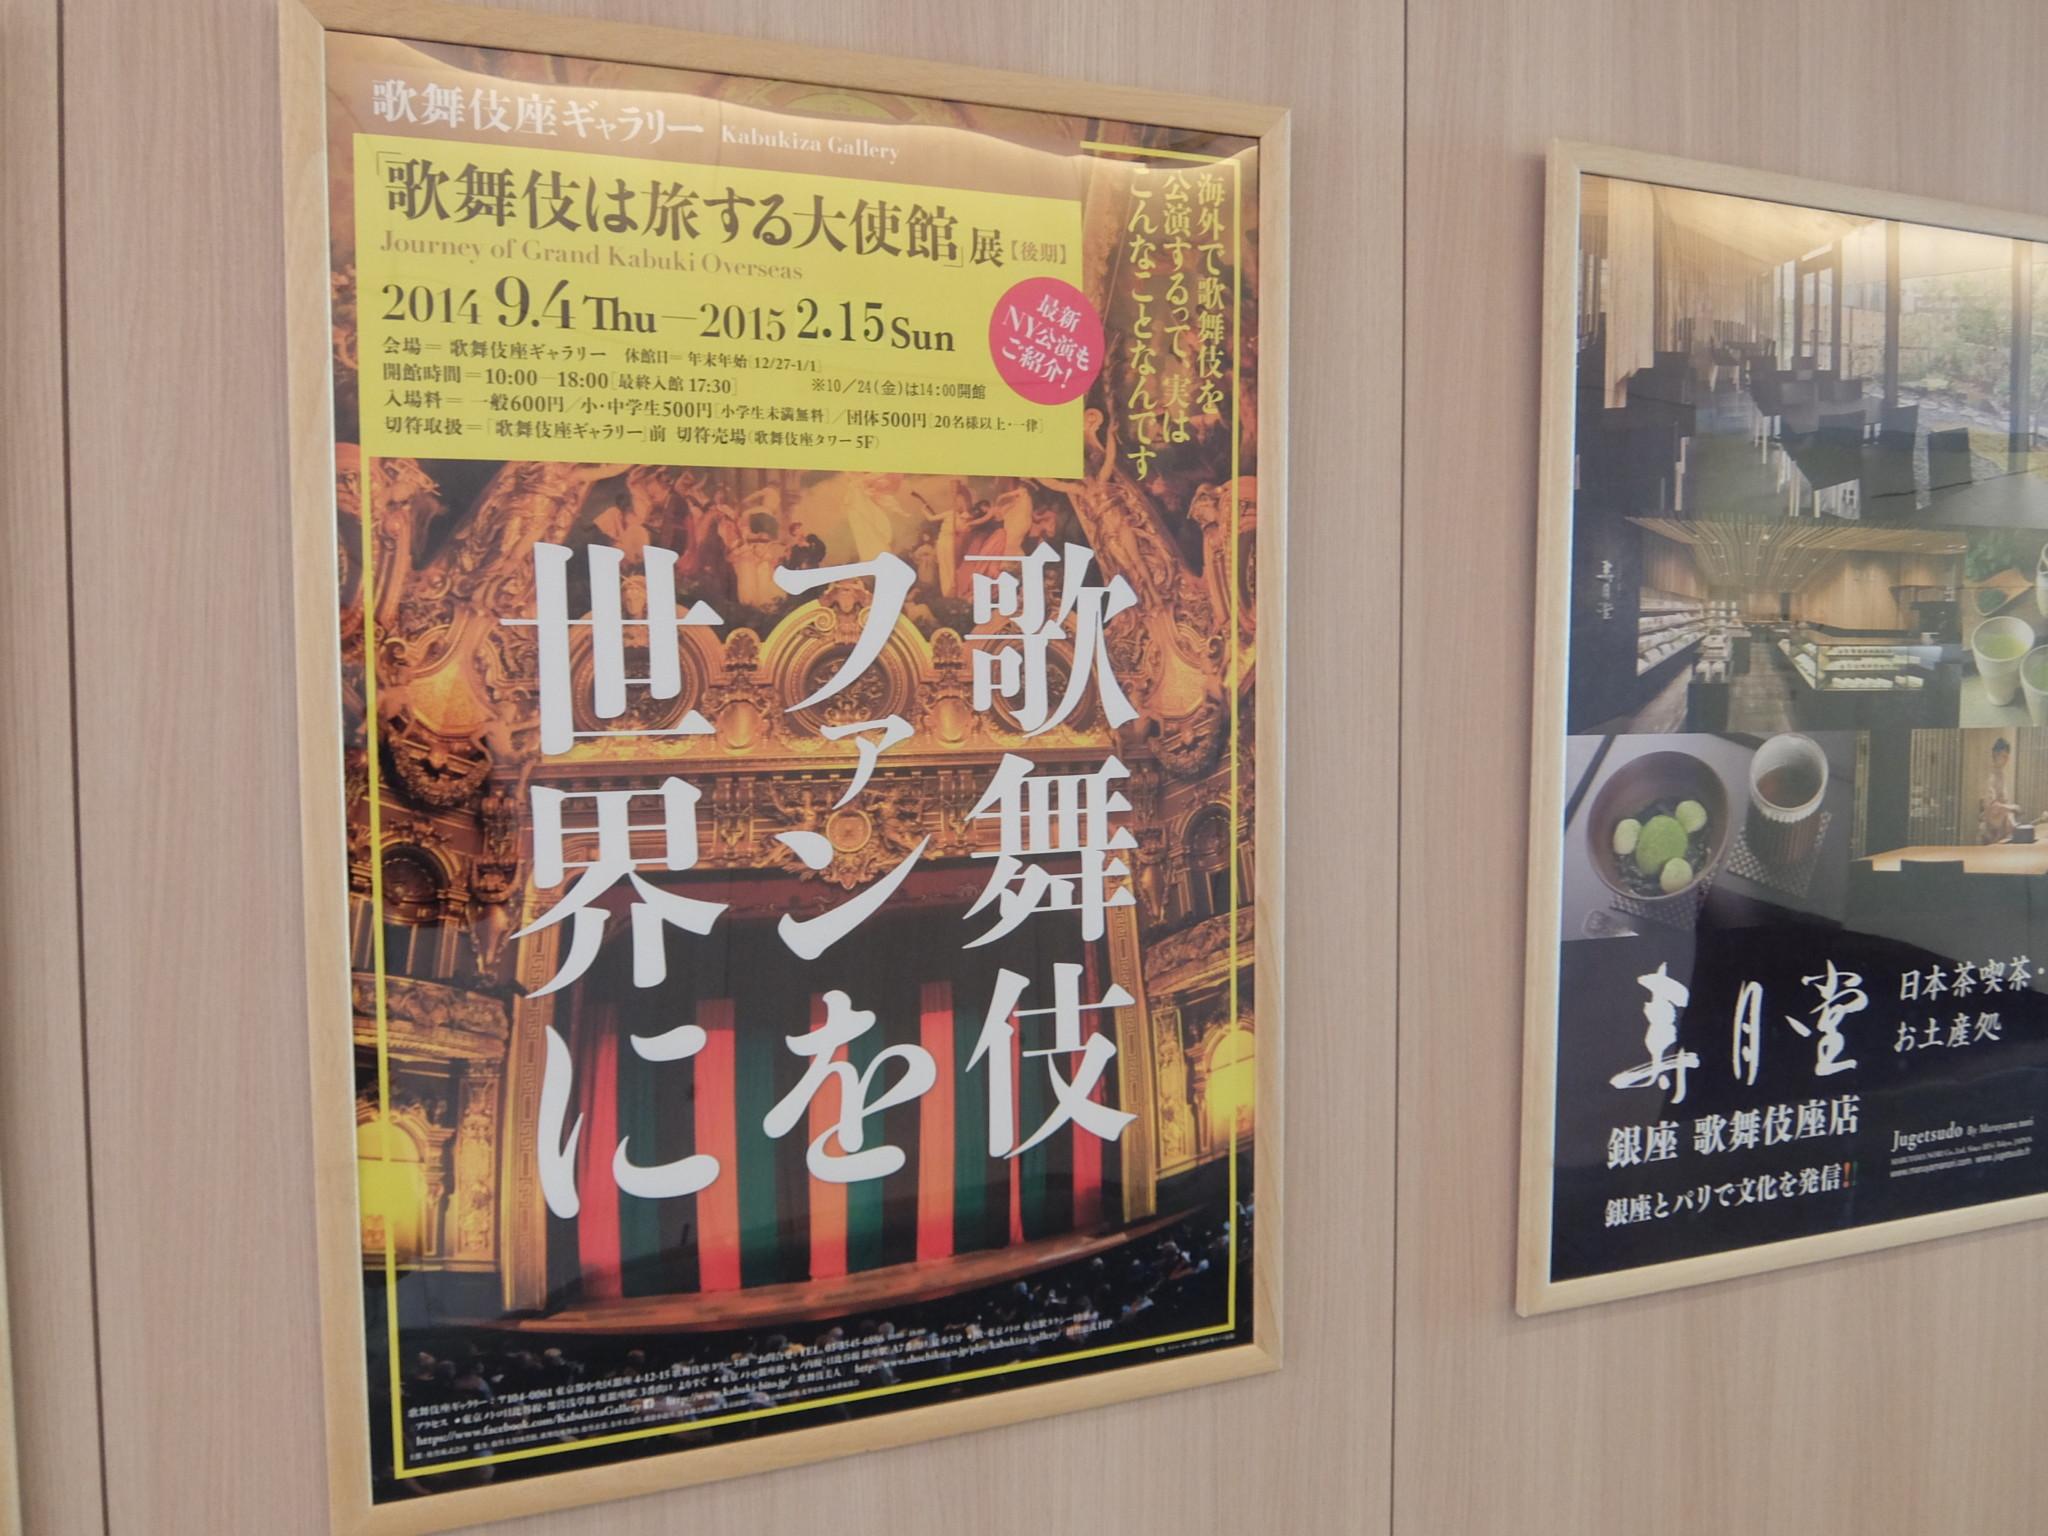 歌舞伎ファンを世界に 「歌舞伎は旅する大使館」展